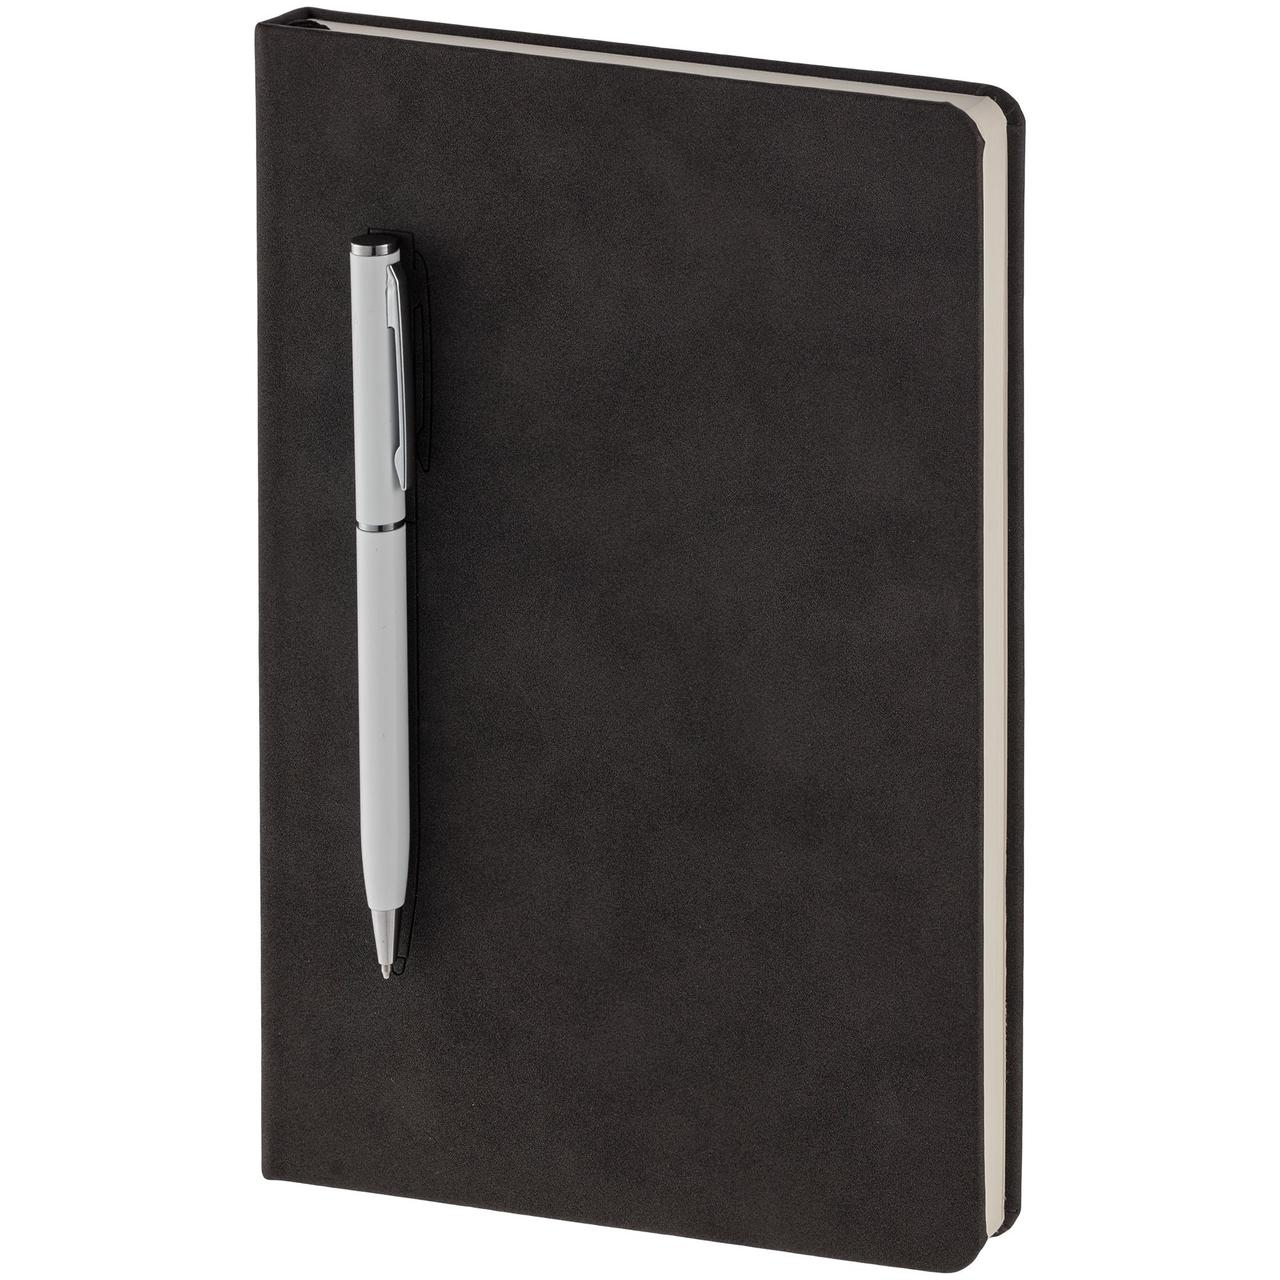 Блокнот Magnet Chrome с ручкой, черно-белый (артикул 15016.60)